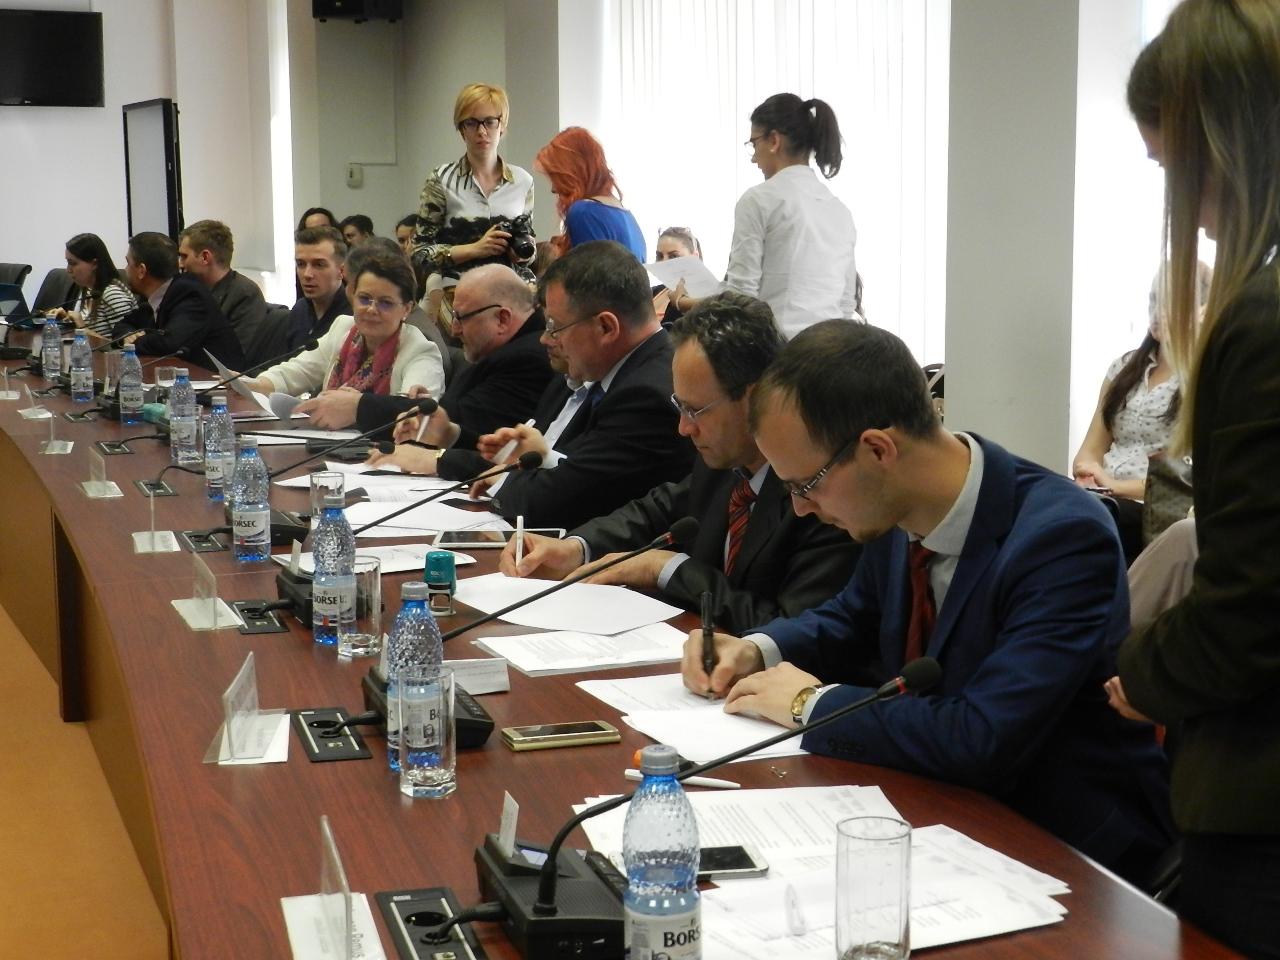 Federația SHARE a oficializat parteneriatul cu principalele partide politice, după 100 de zile